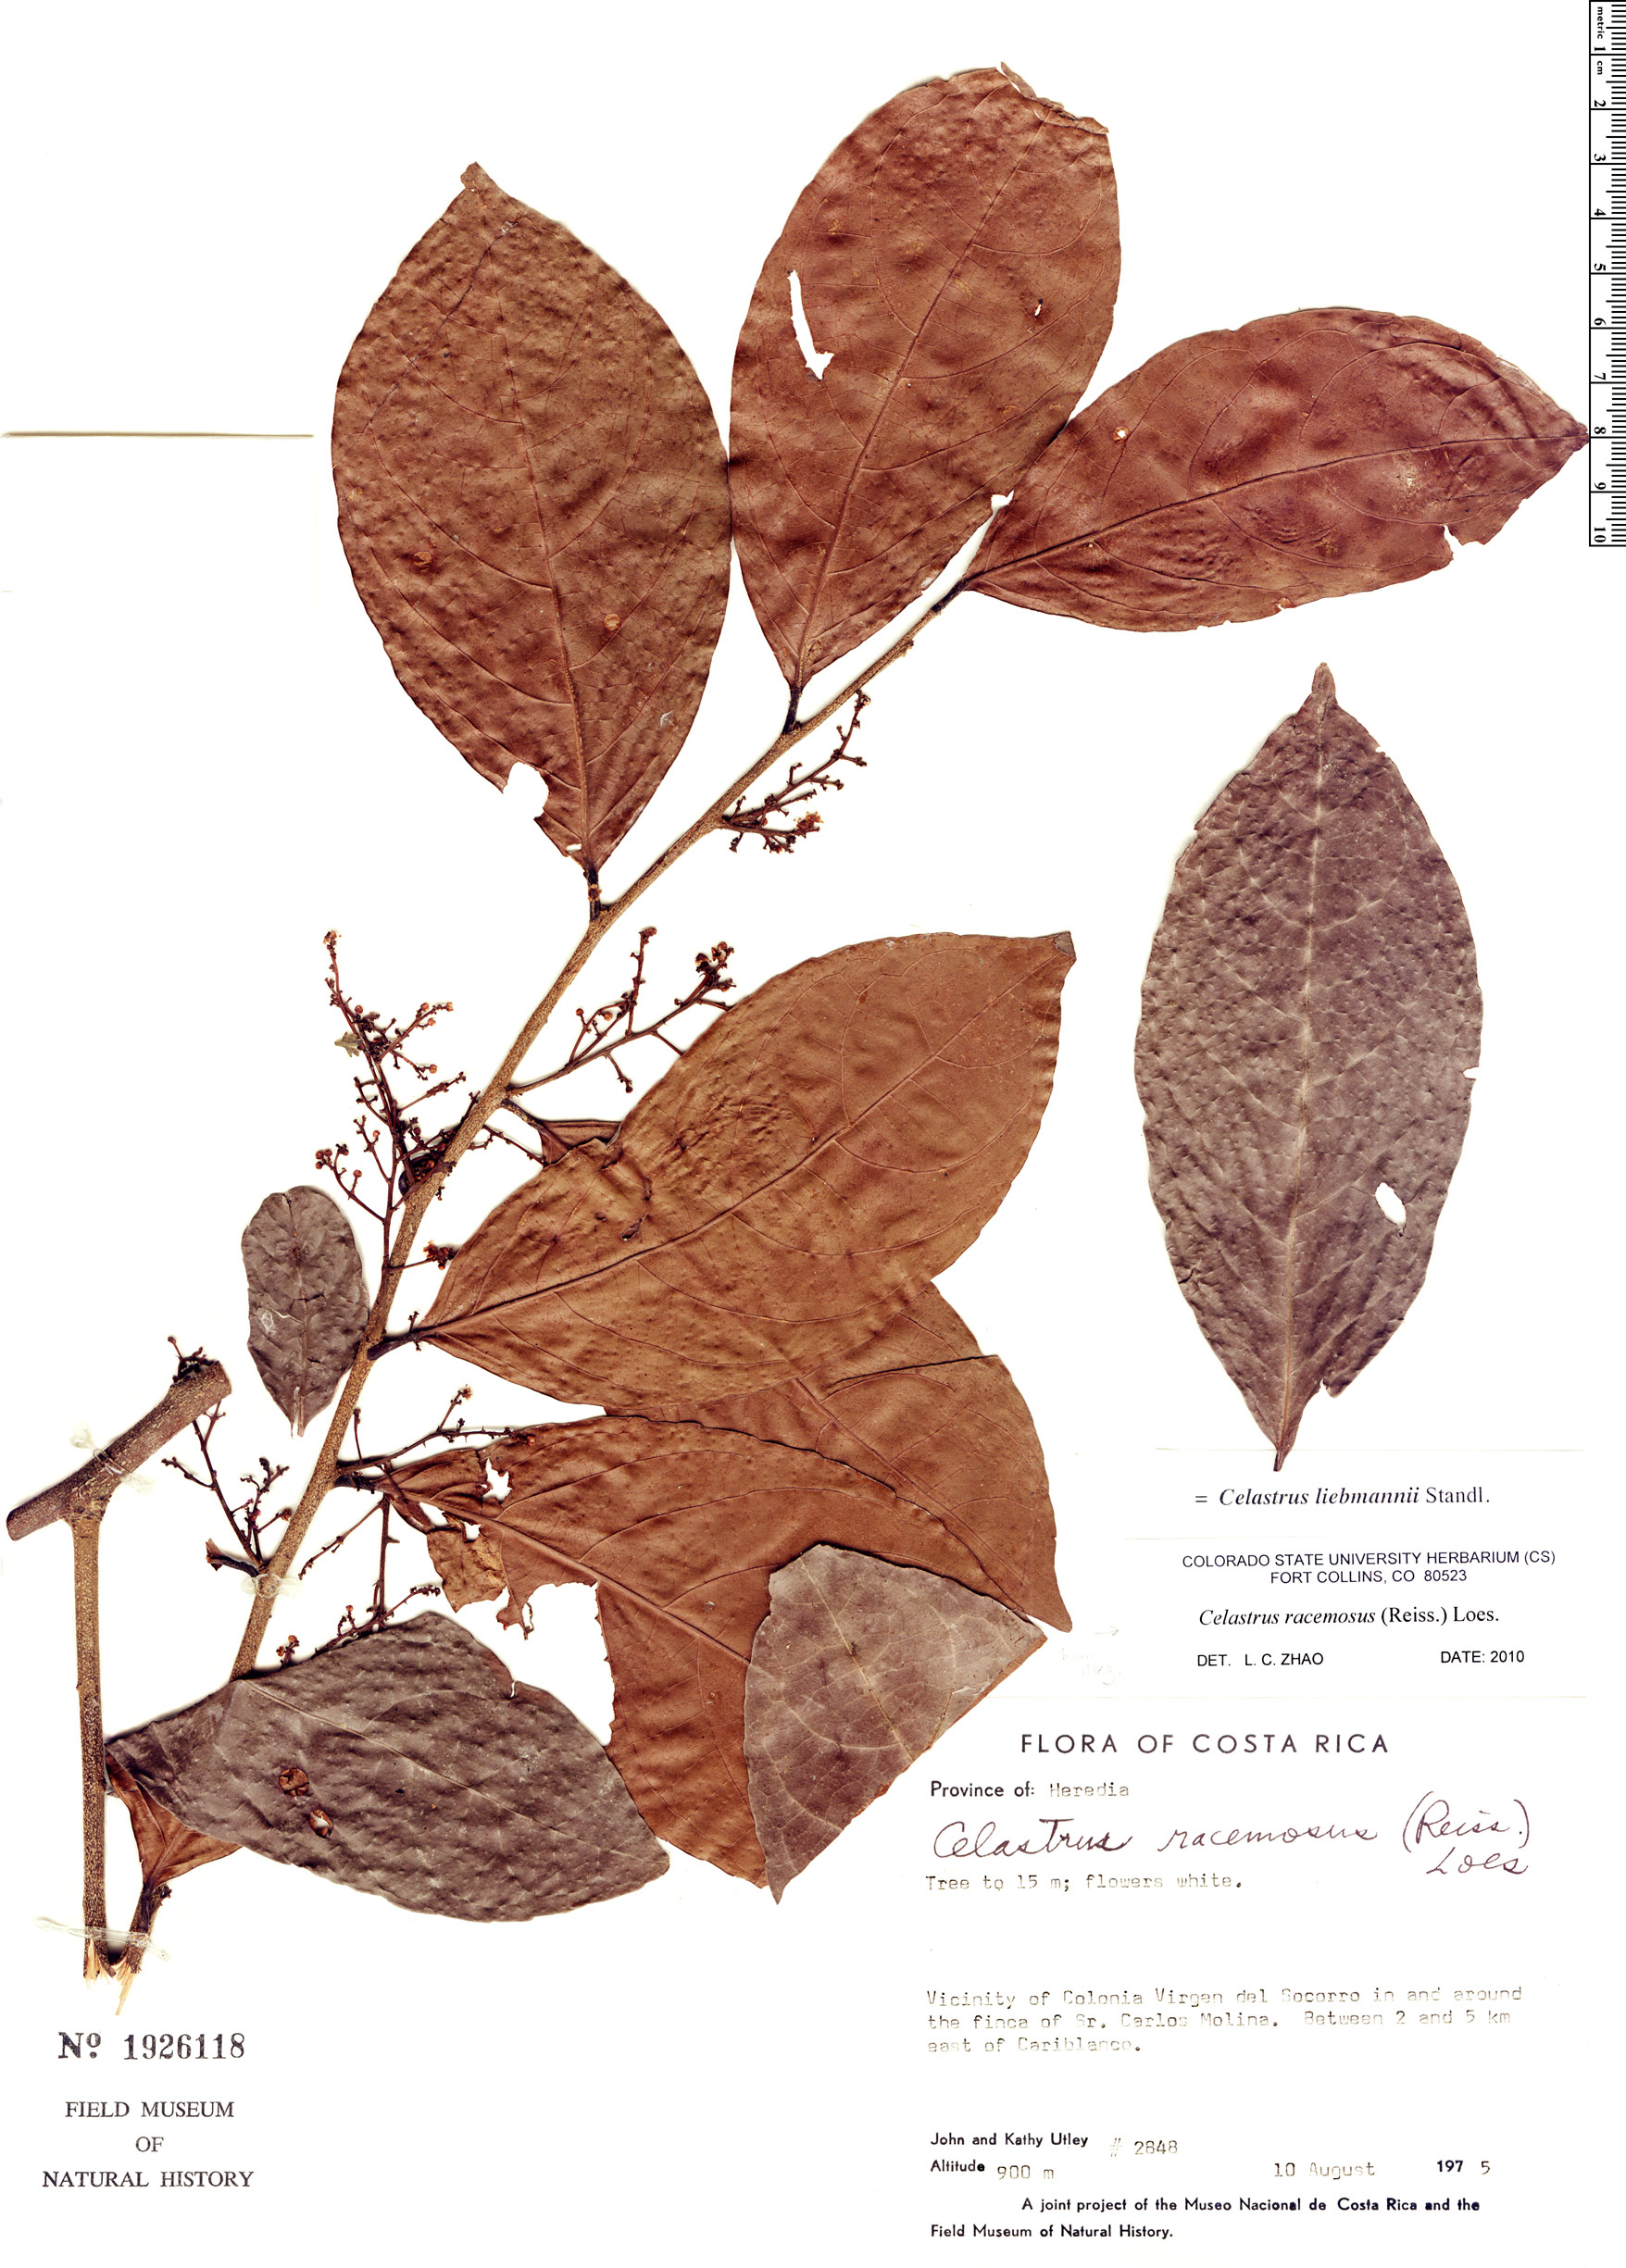 Specimen: Celastrus liebmannii